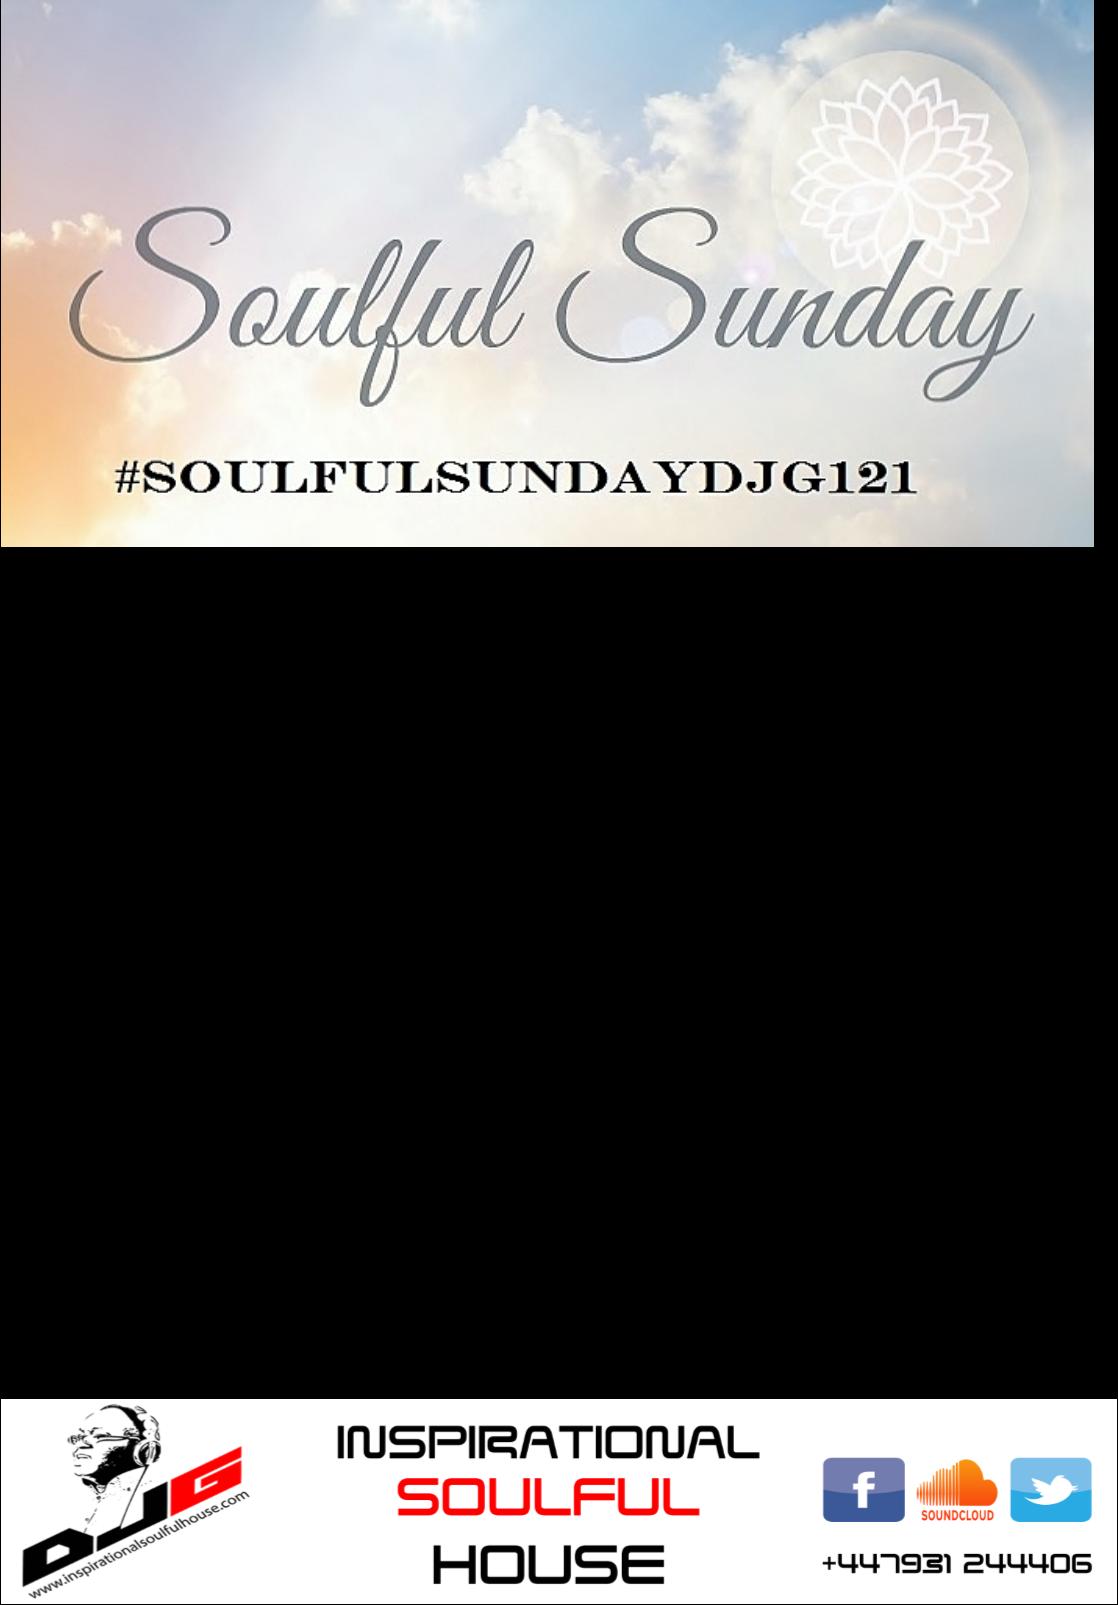 Soulful Sunday 4